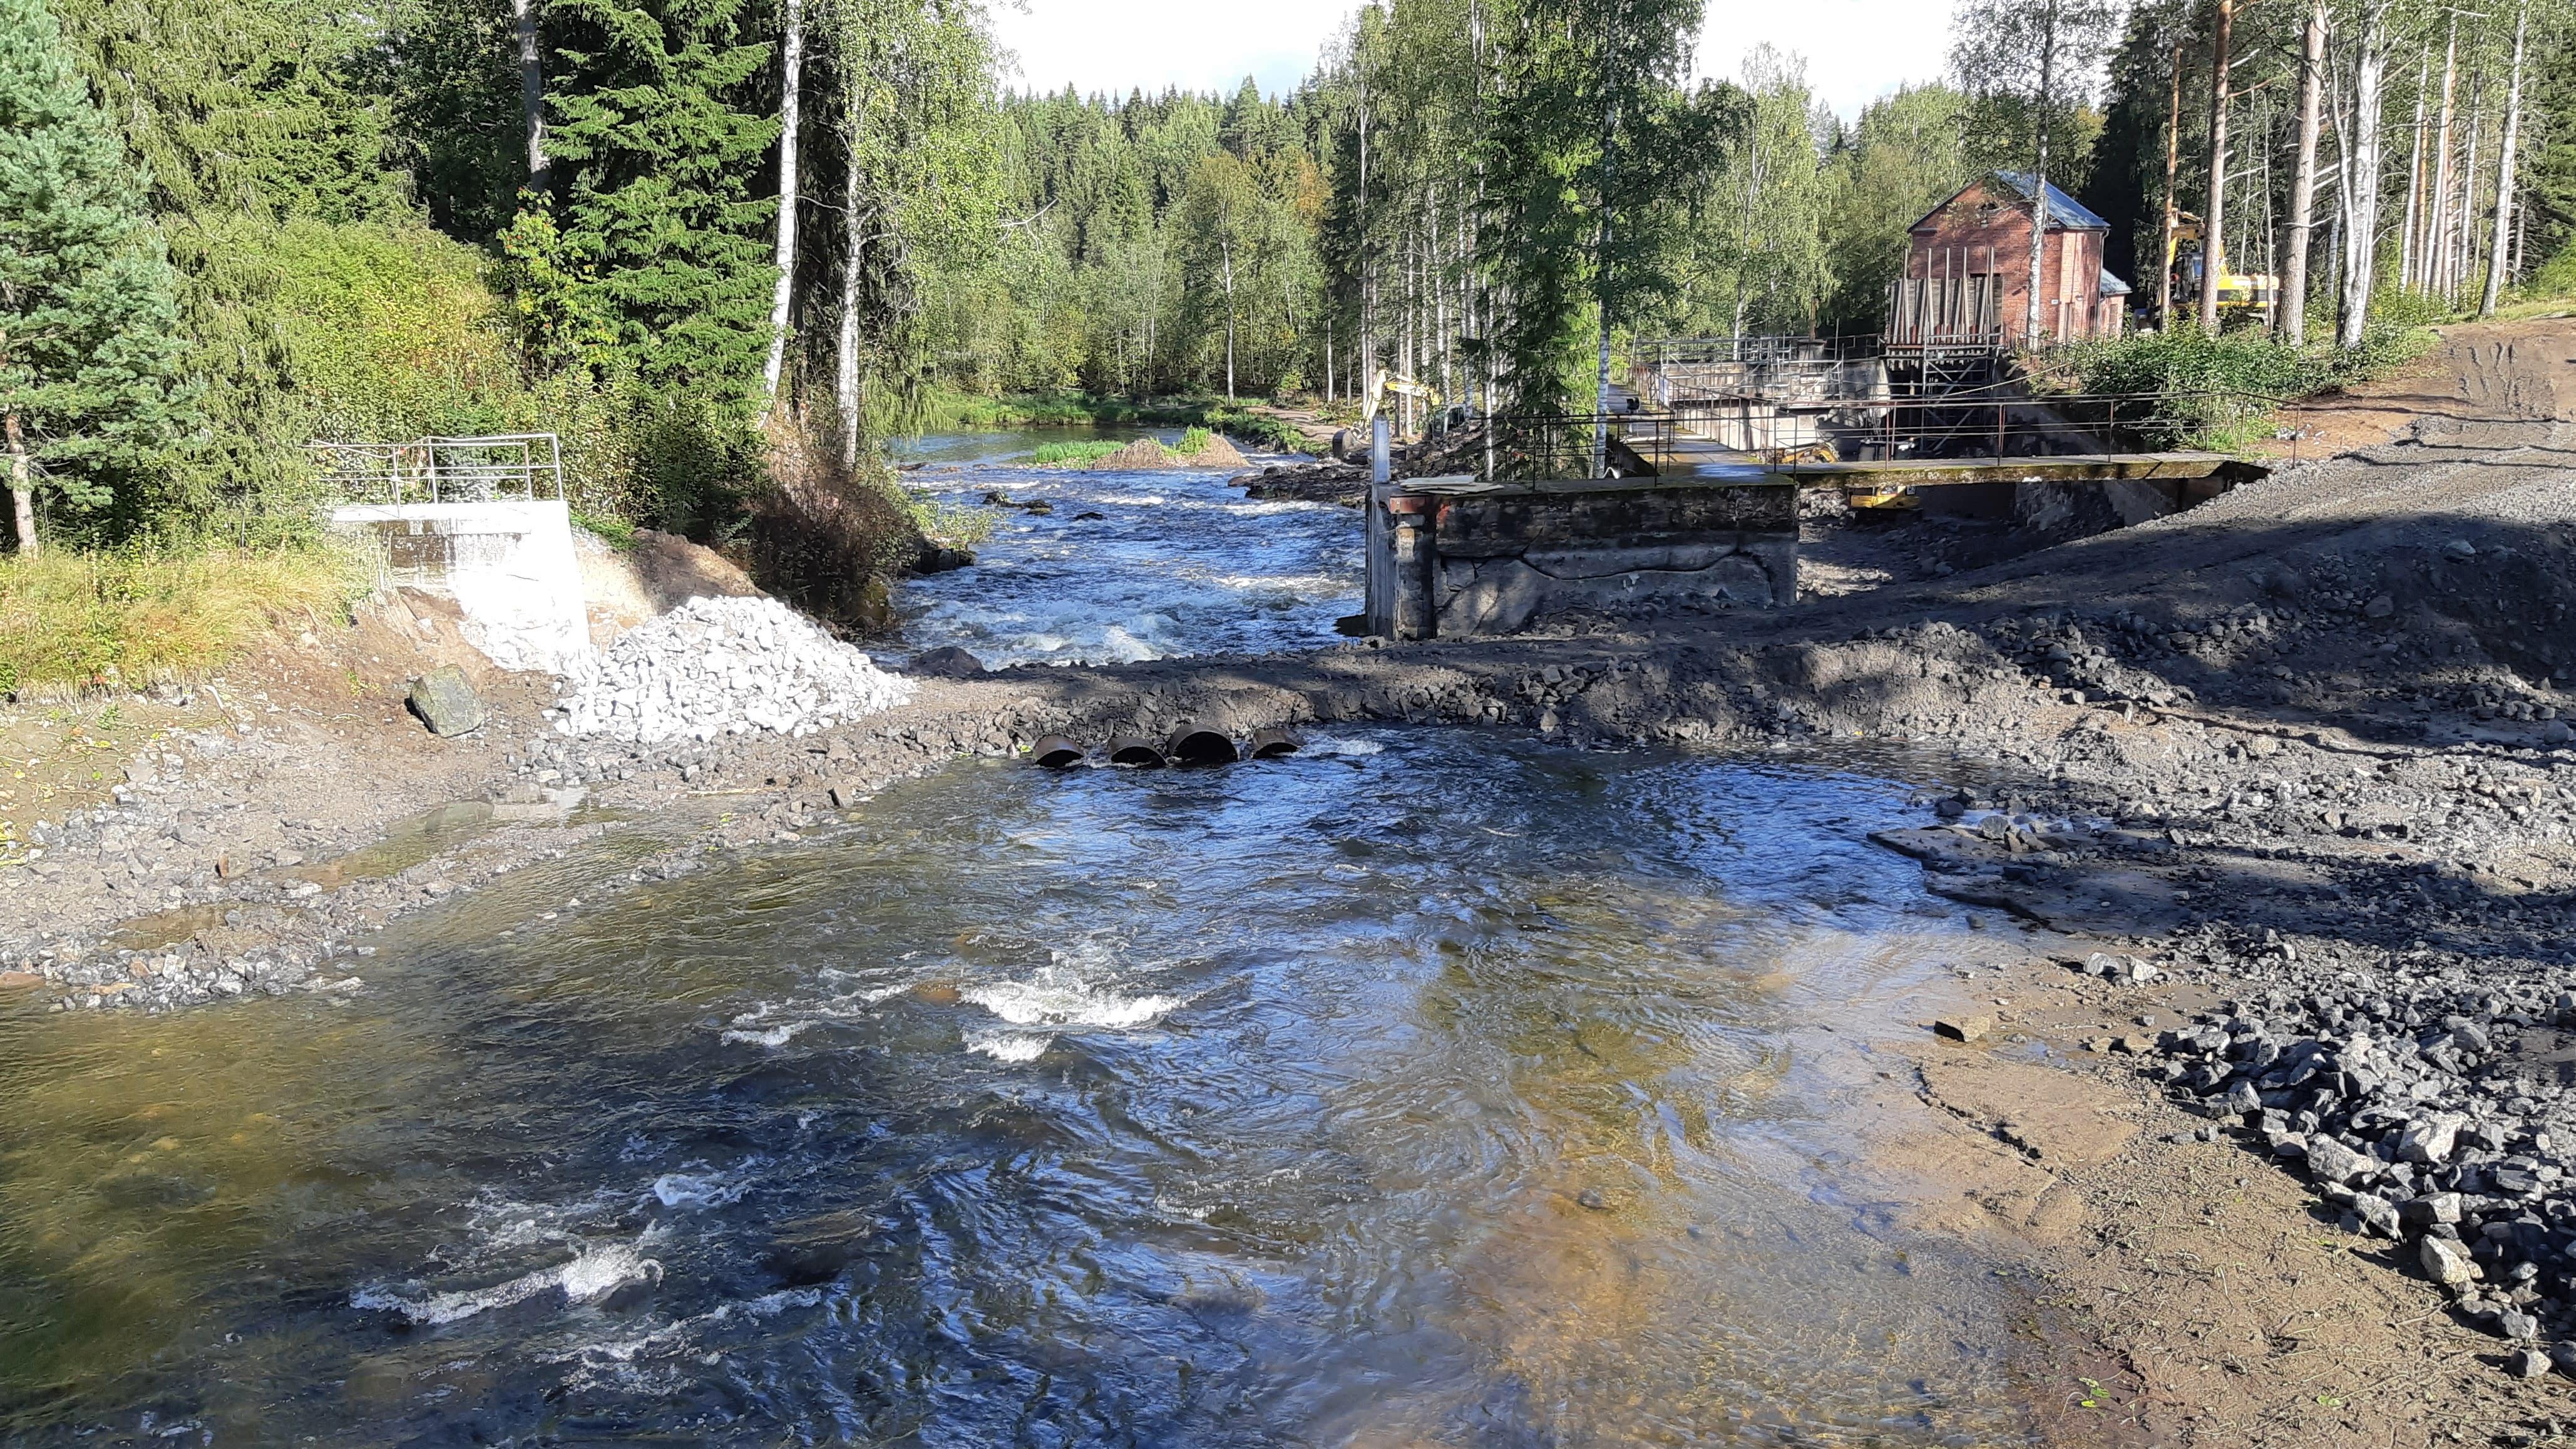 Hiitolanjoen Kangaskoski Rautjärvellä 2. syyskuuta 2021.